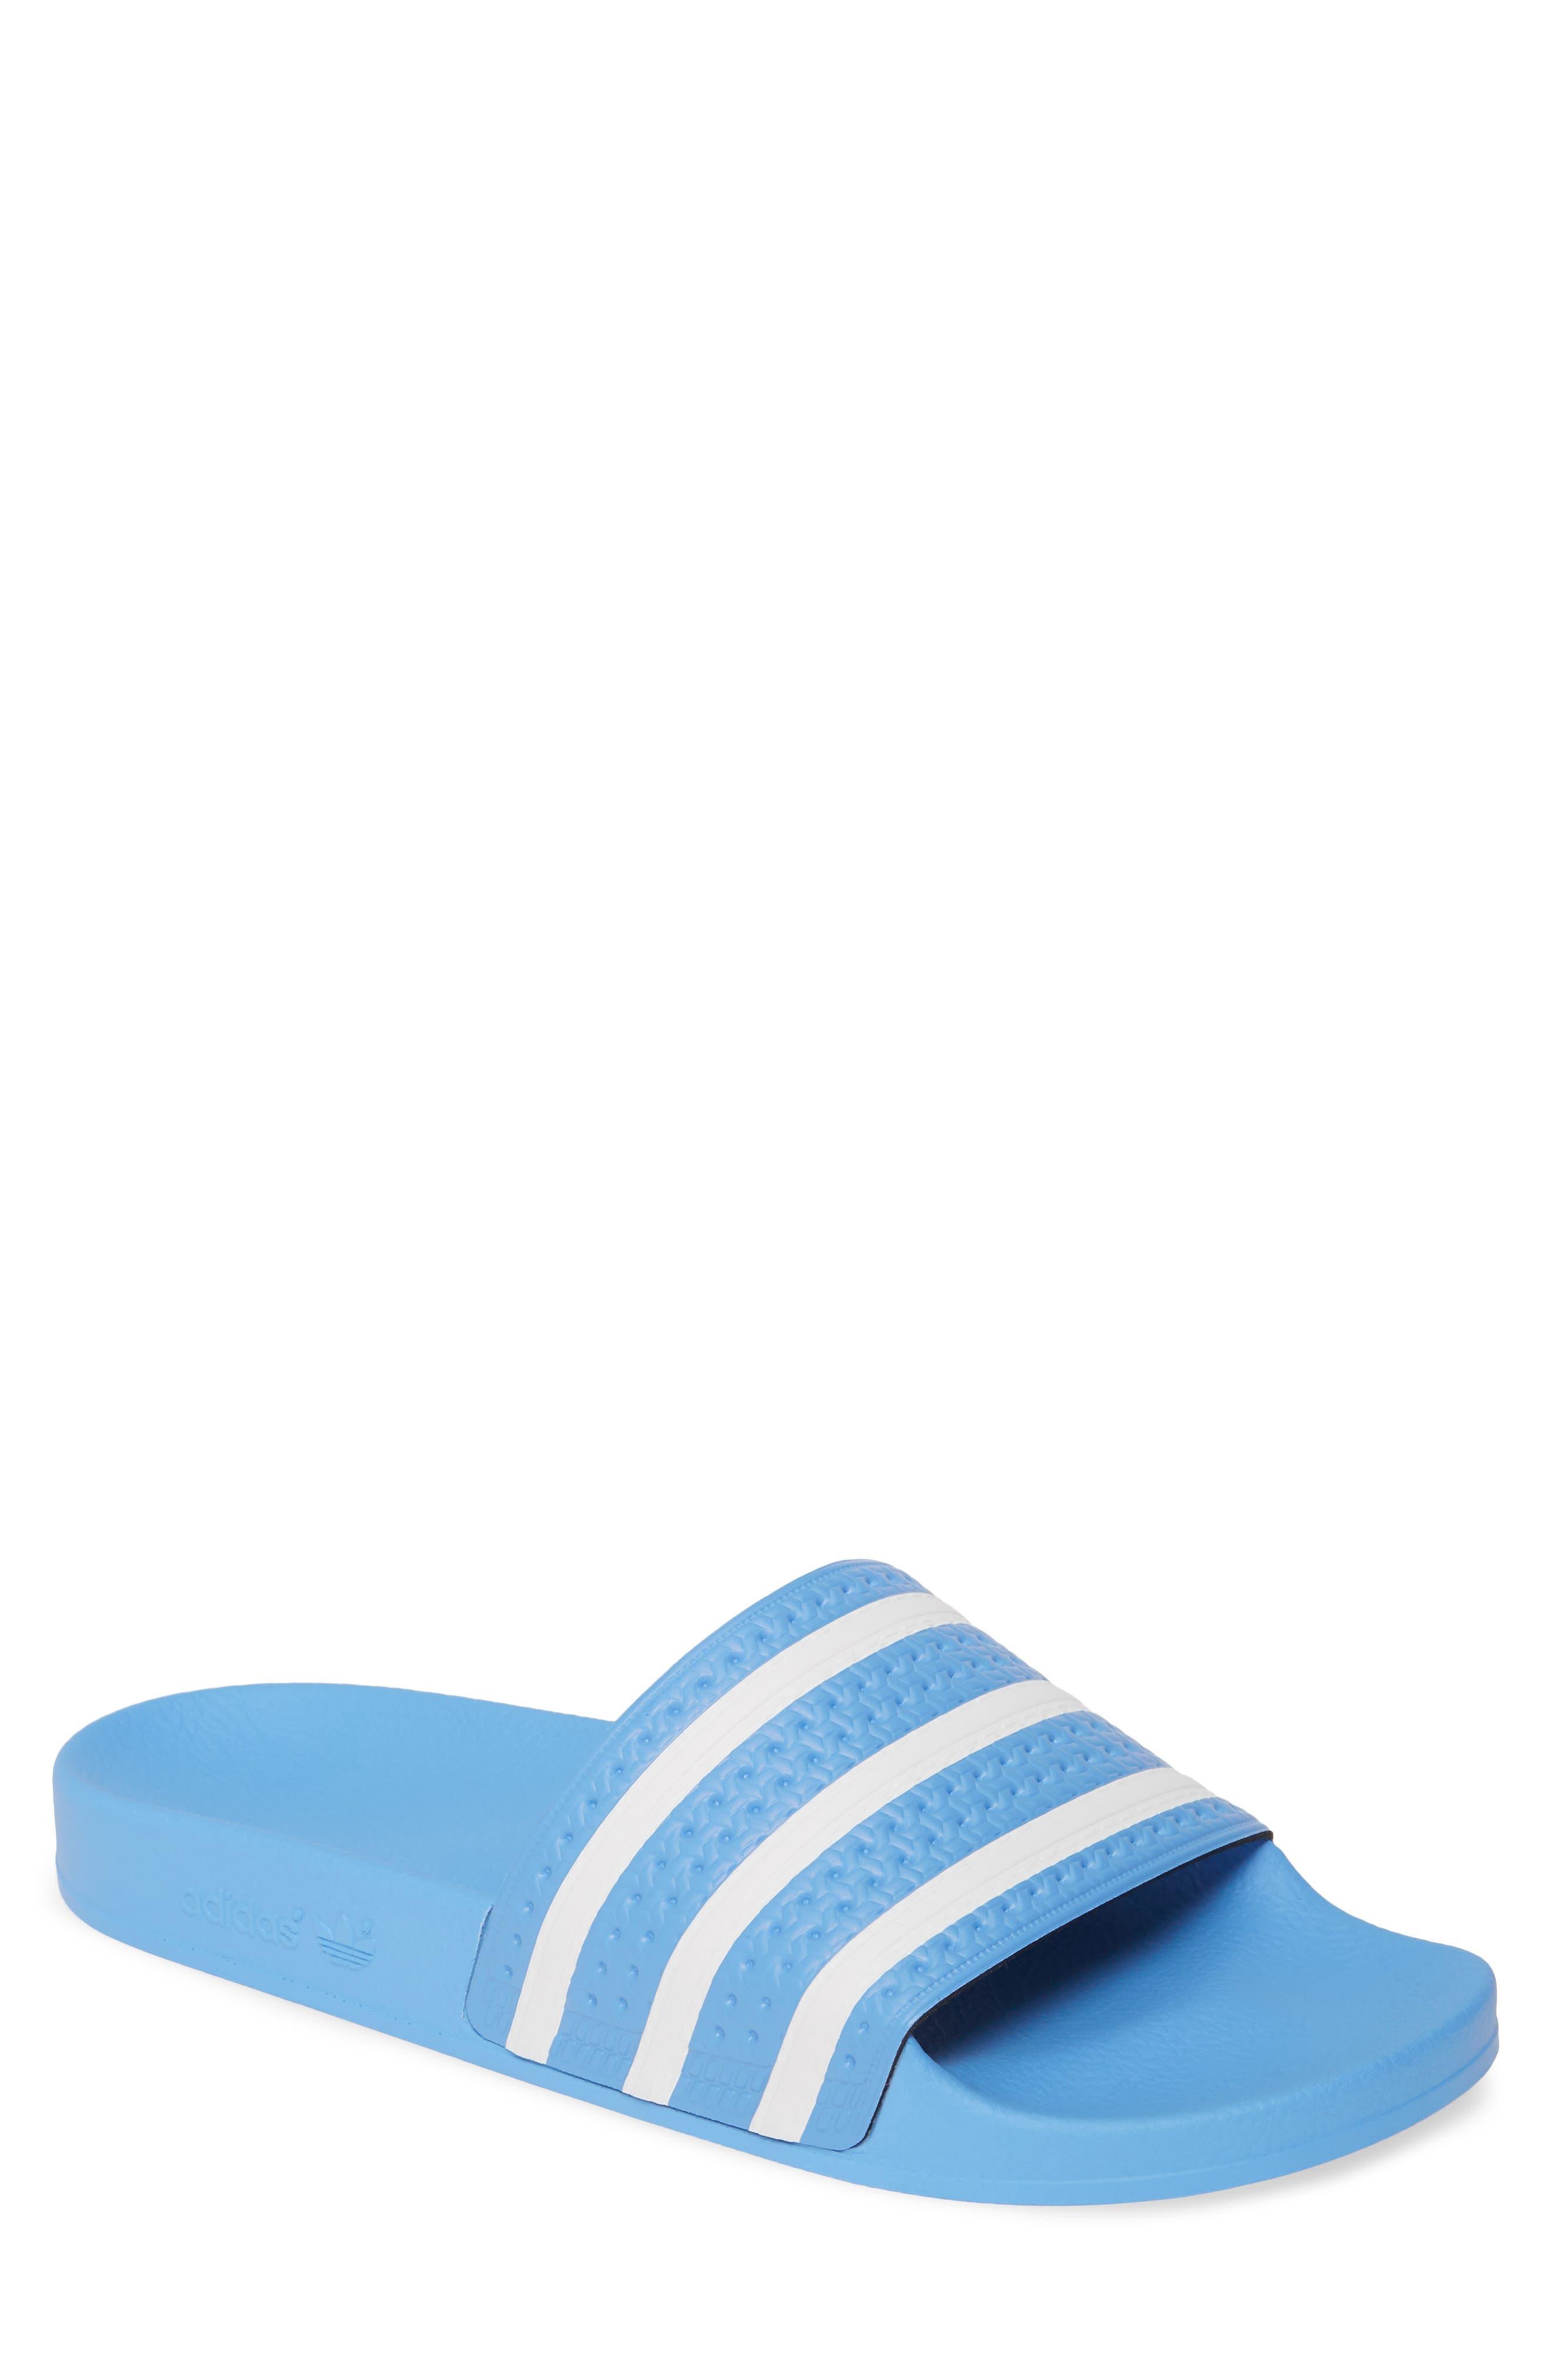 e7f6ddf398f Men's Pool Slide Sandals, Slides & Flip-Flops | Nordstrom